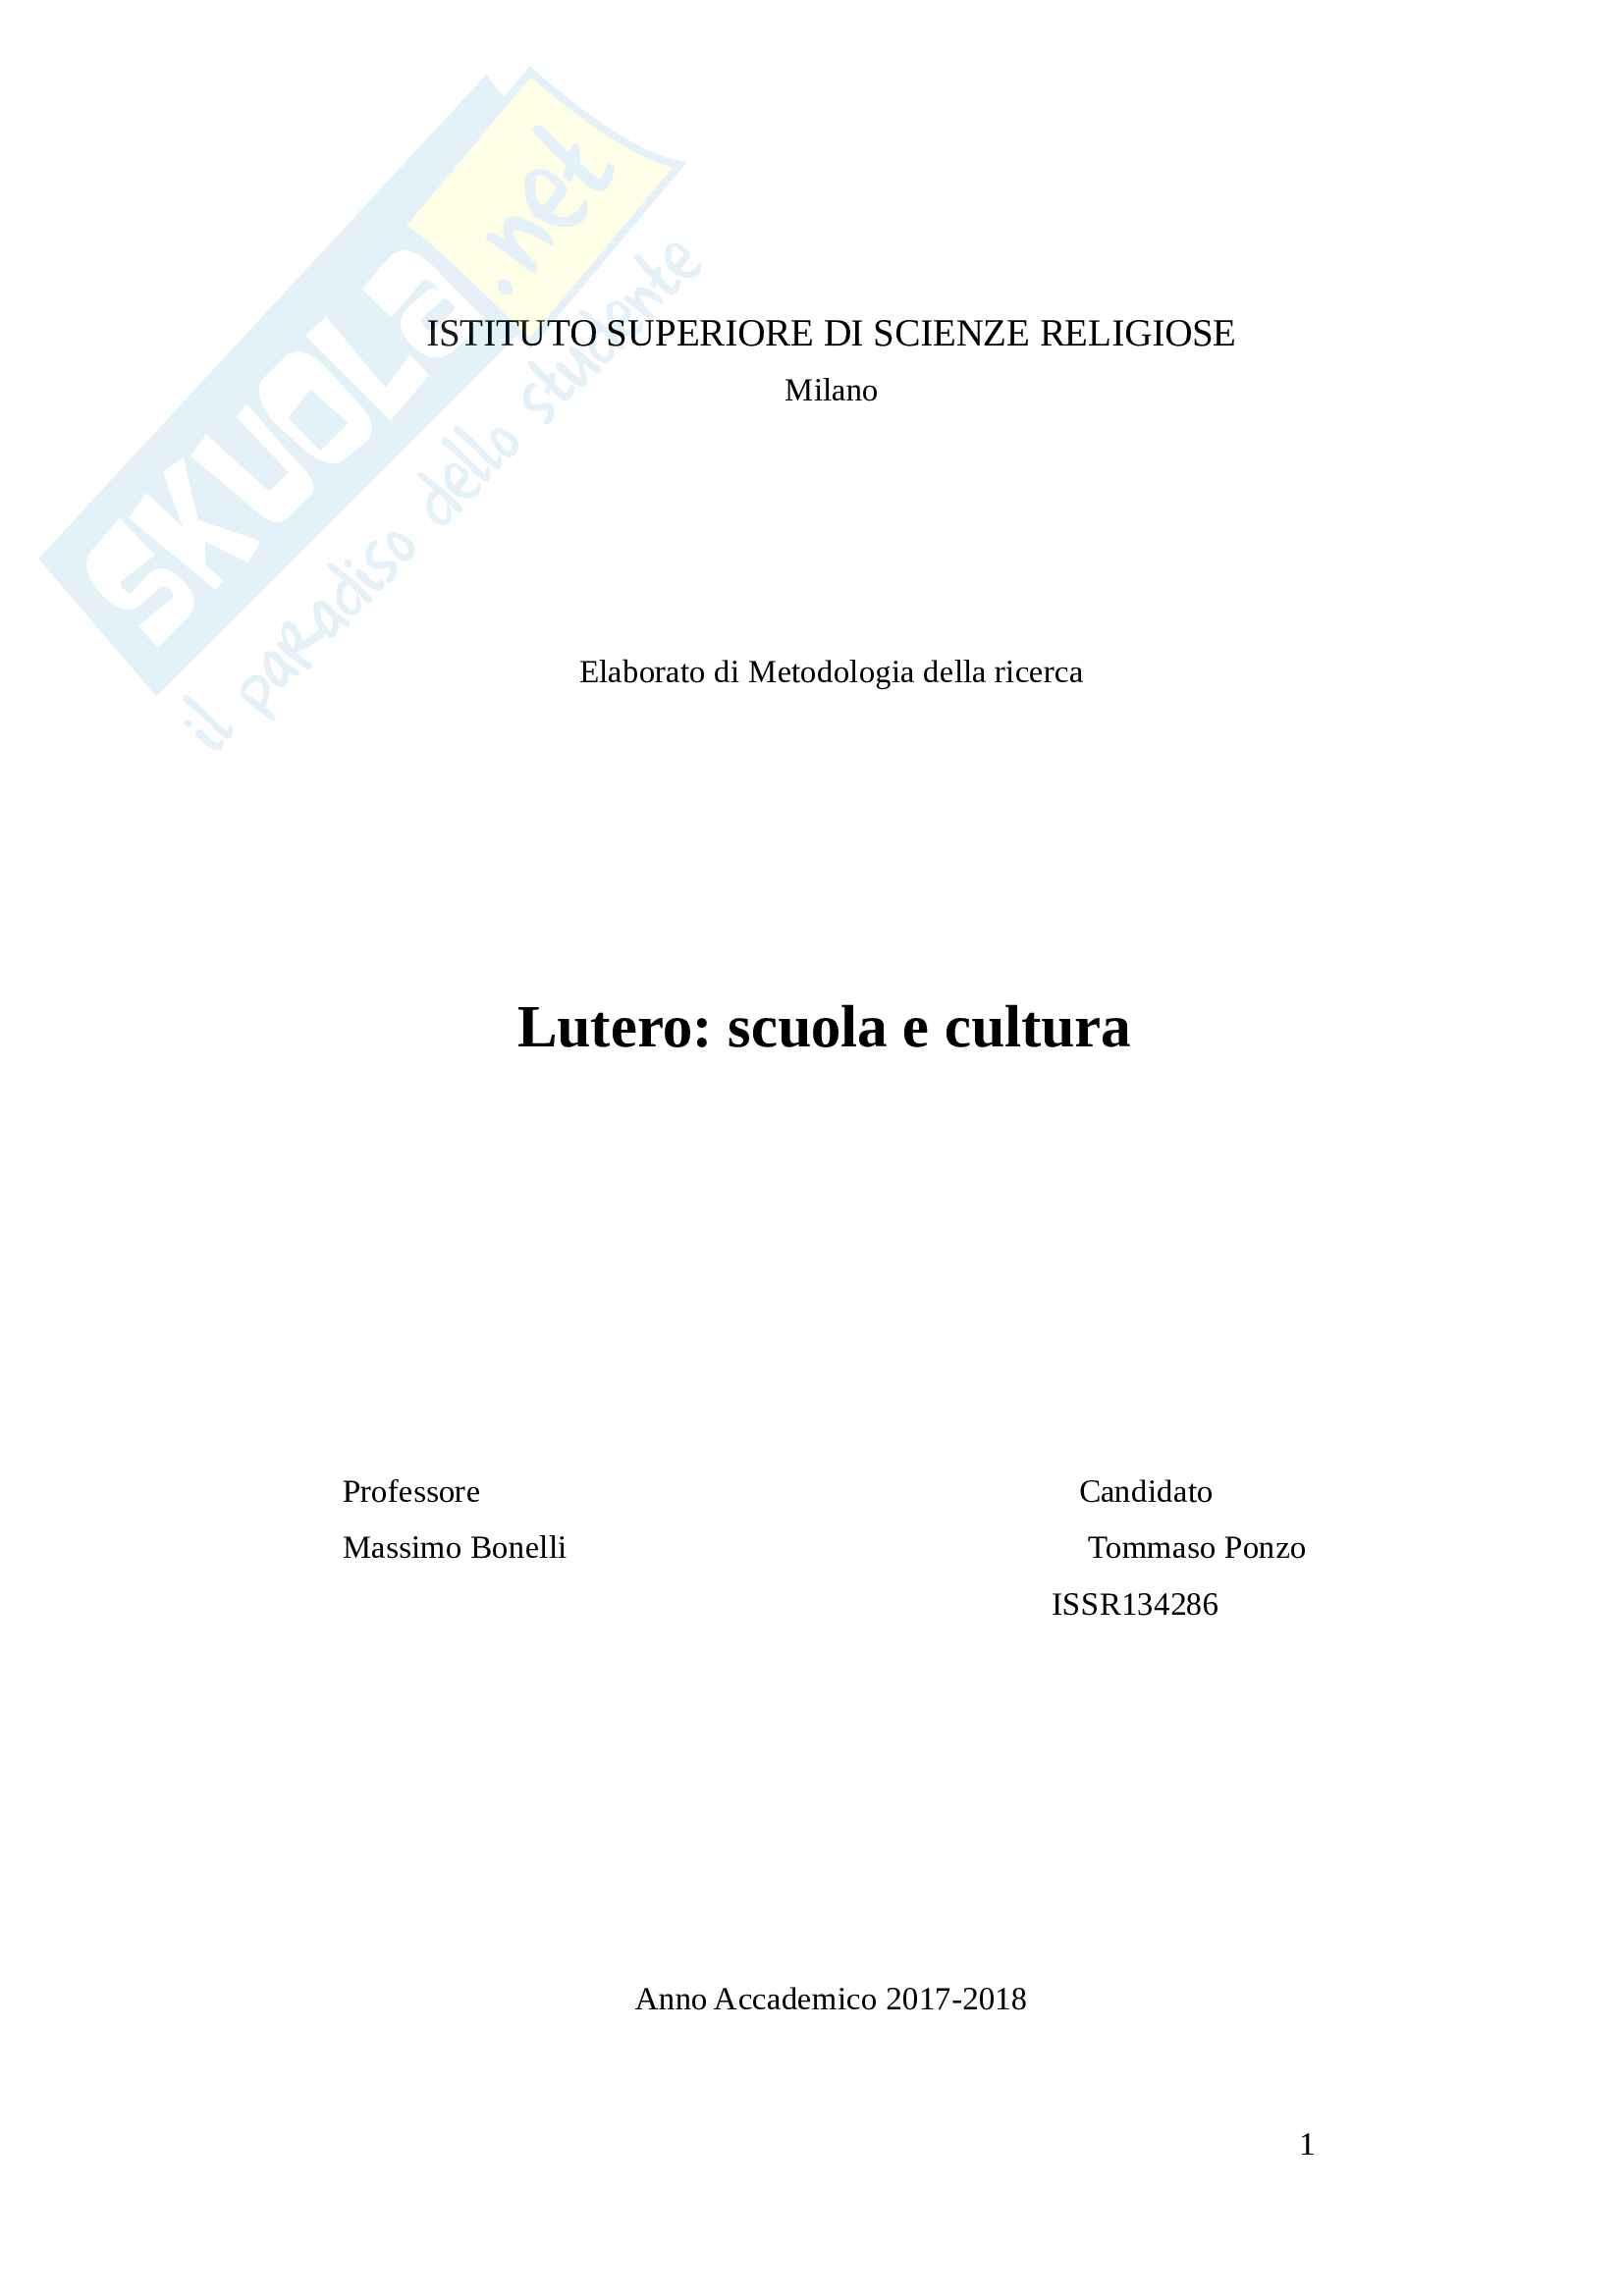 Tesi su Lutero: Lutero scuola e cultura